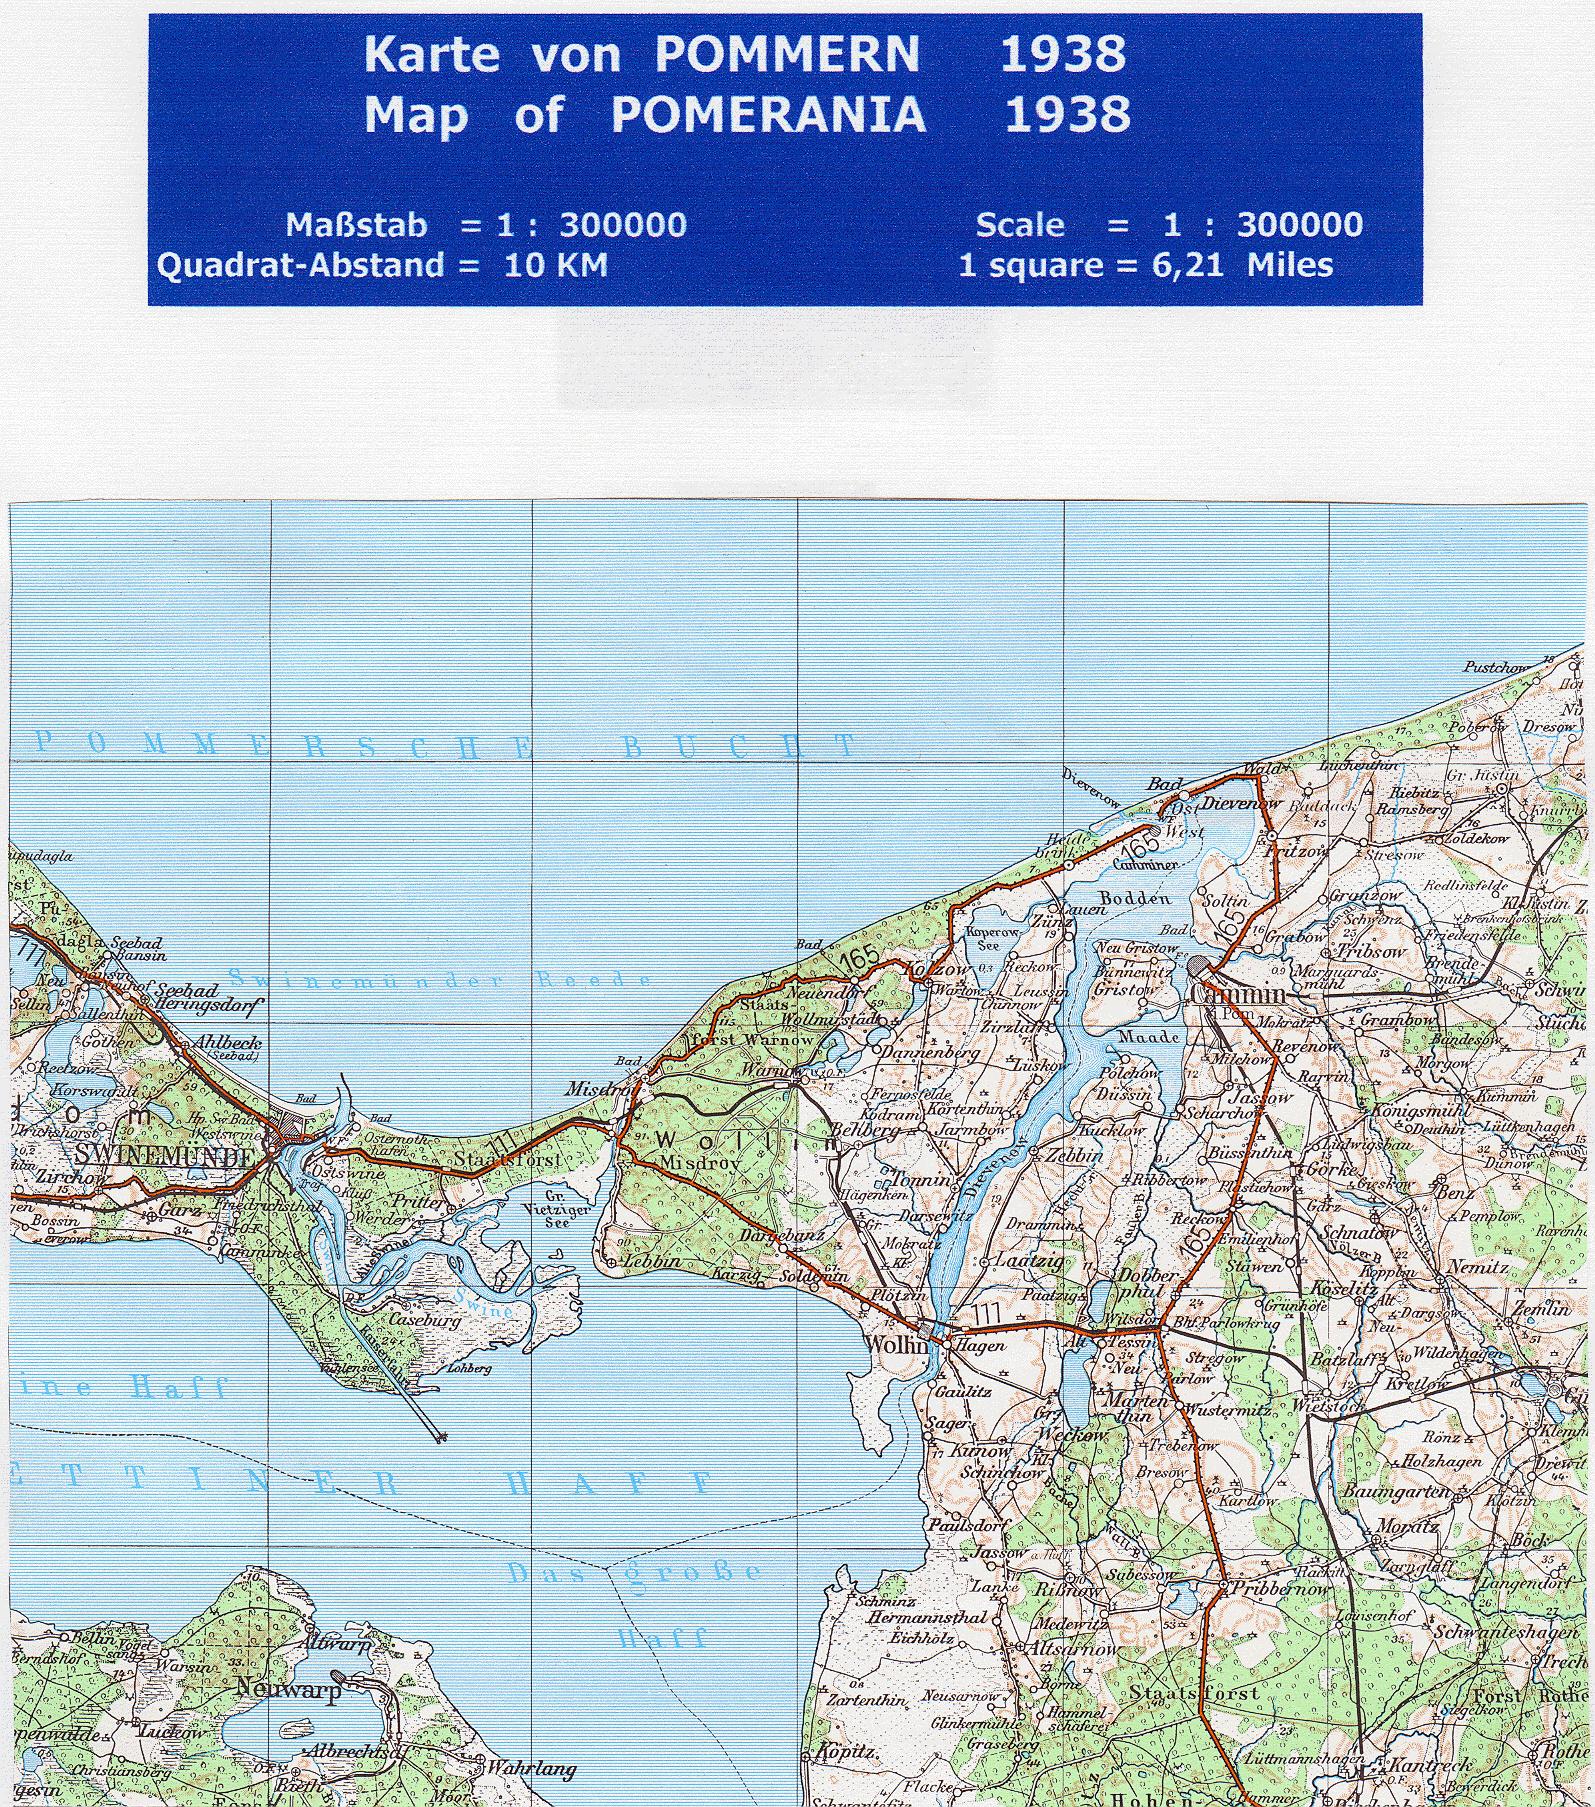 File Karte Von Pommern 1938 1 300 000 Jpg Wikimedia Commons